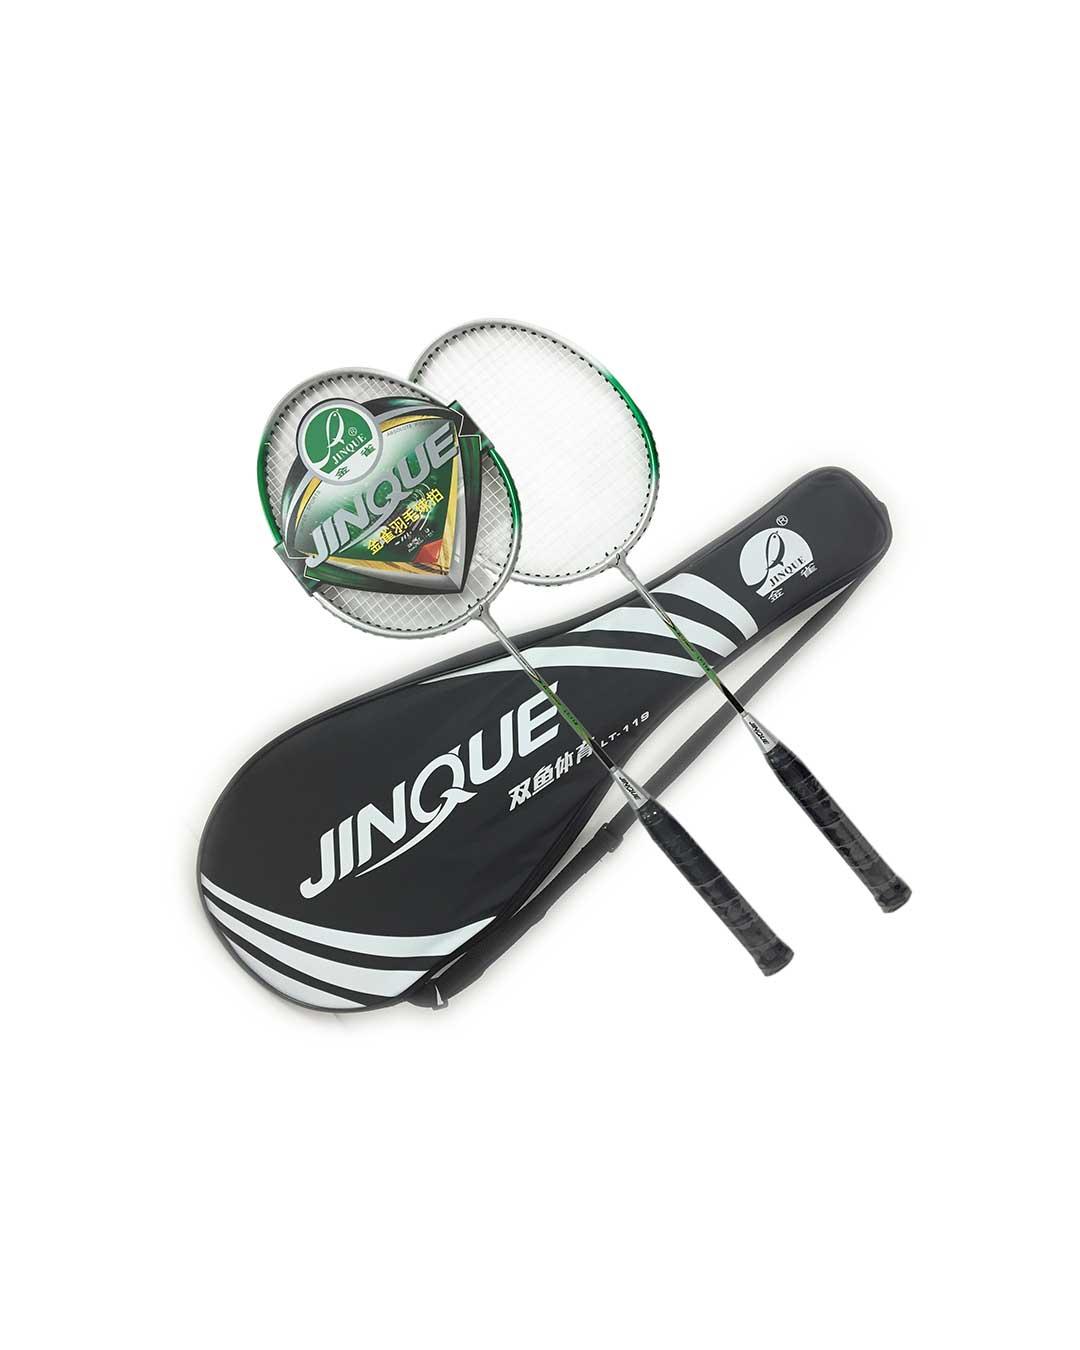 Raquetas de bádminton (par) marca Jinque